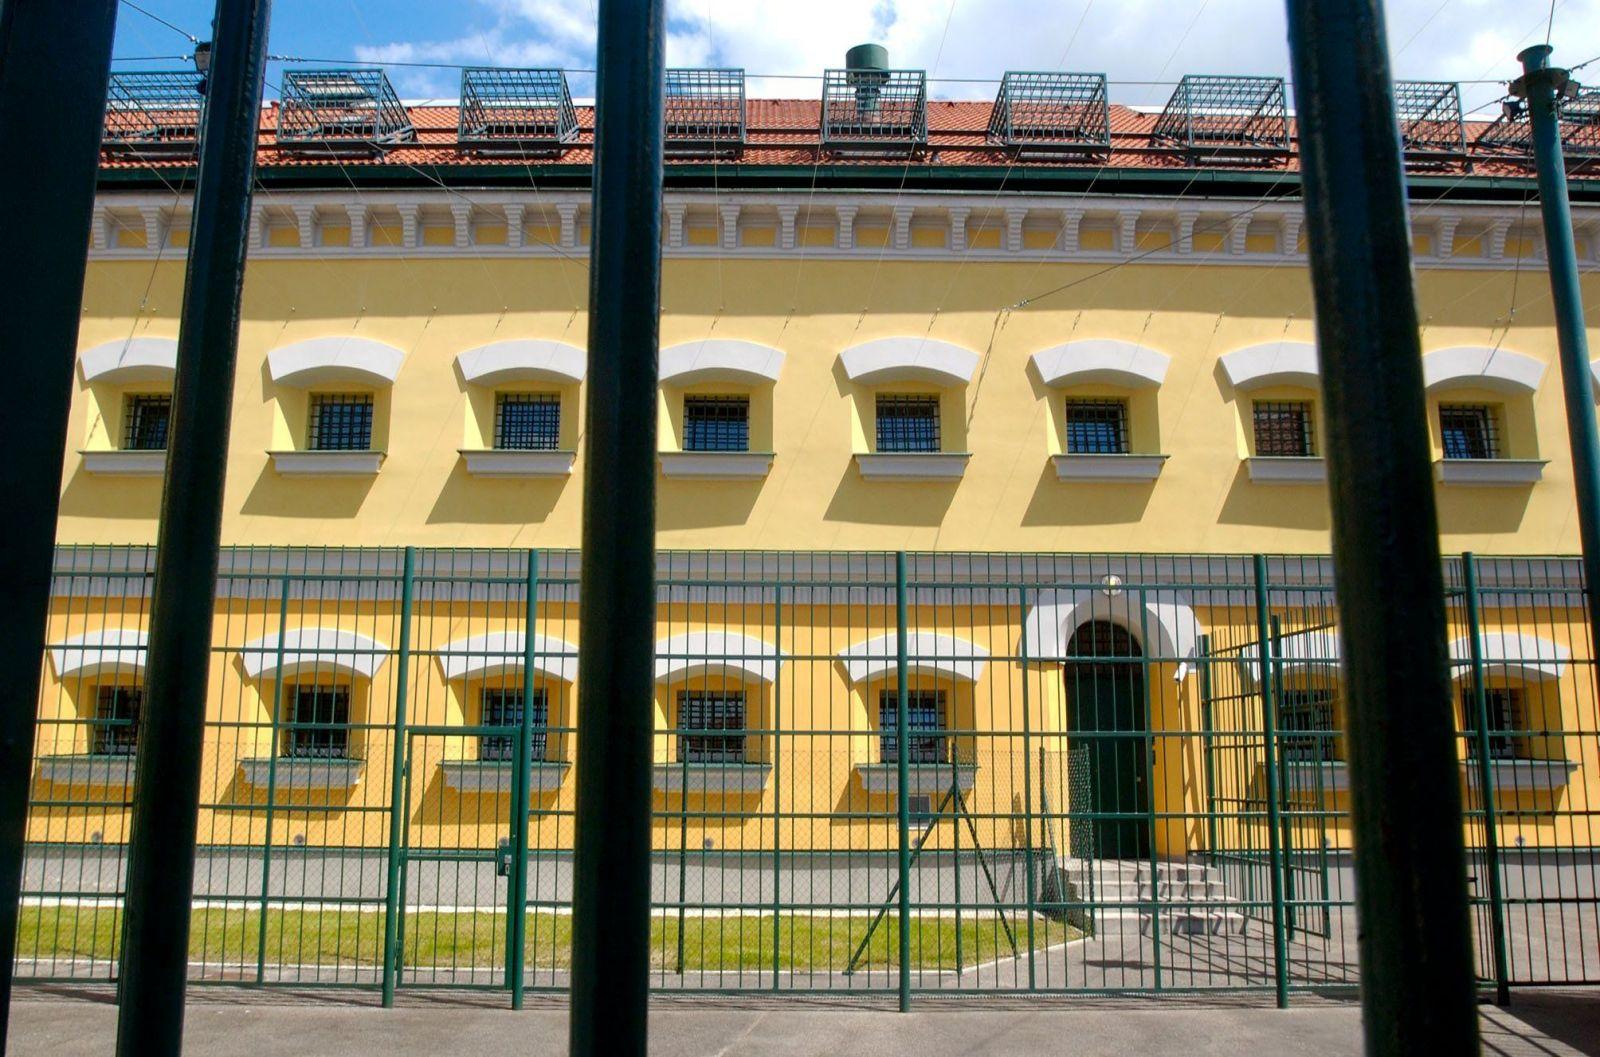 Väzeň v Leopoldove preskočil plot, padli aj varovné výstrely. Spacifikovali ho do 50 sekúnd